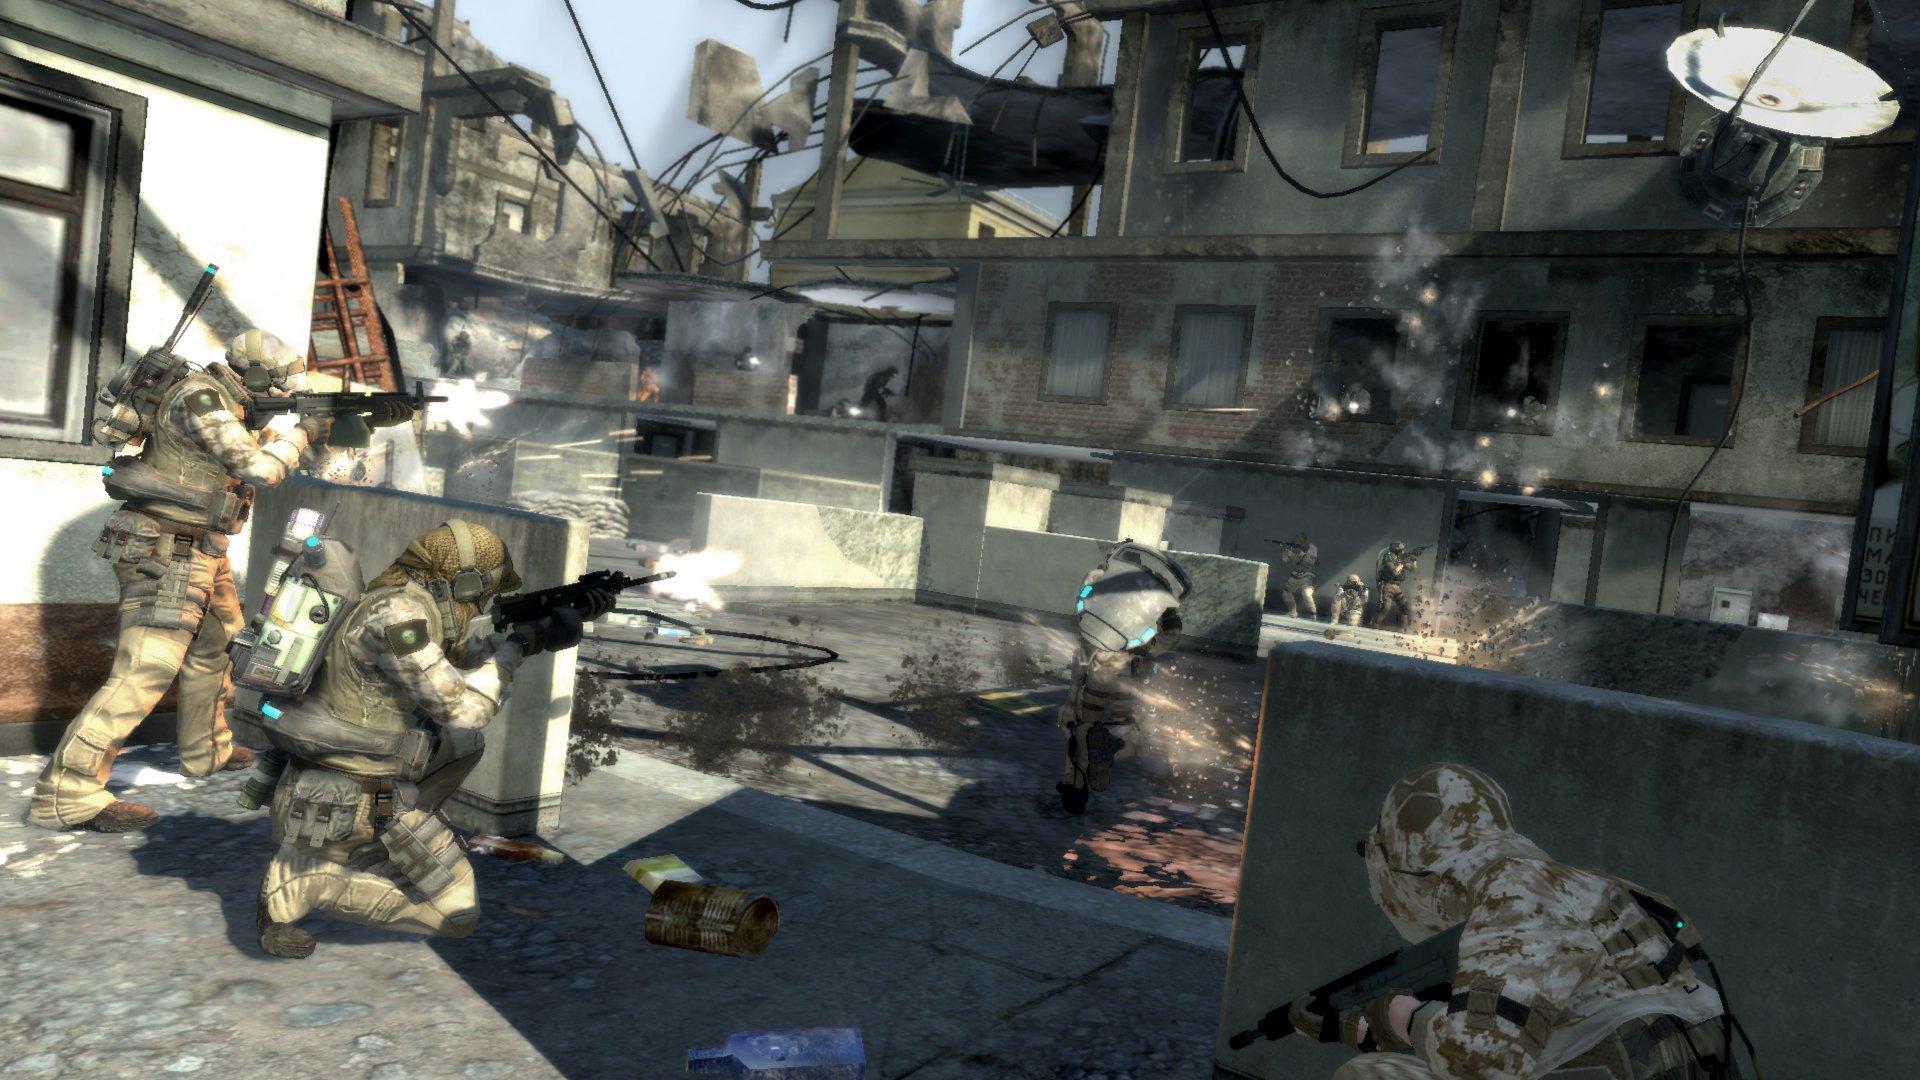 Ubisoft spricht über Fehlschlag der jüngsten Free2Play-Games